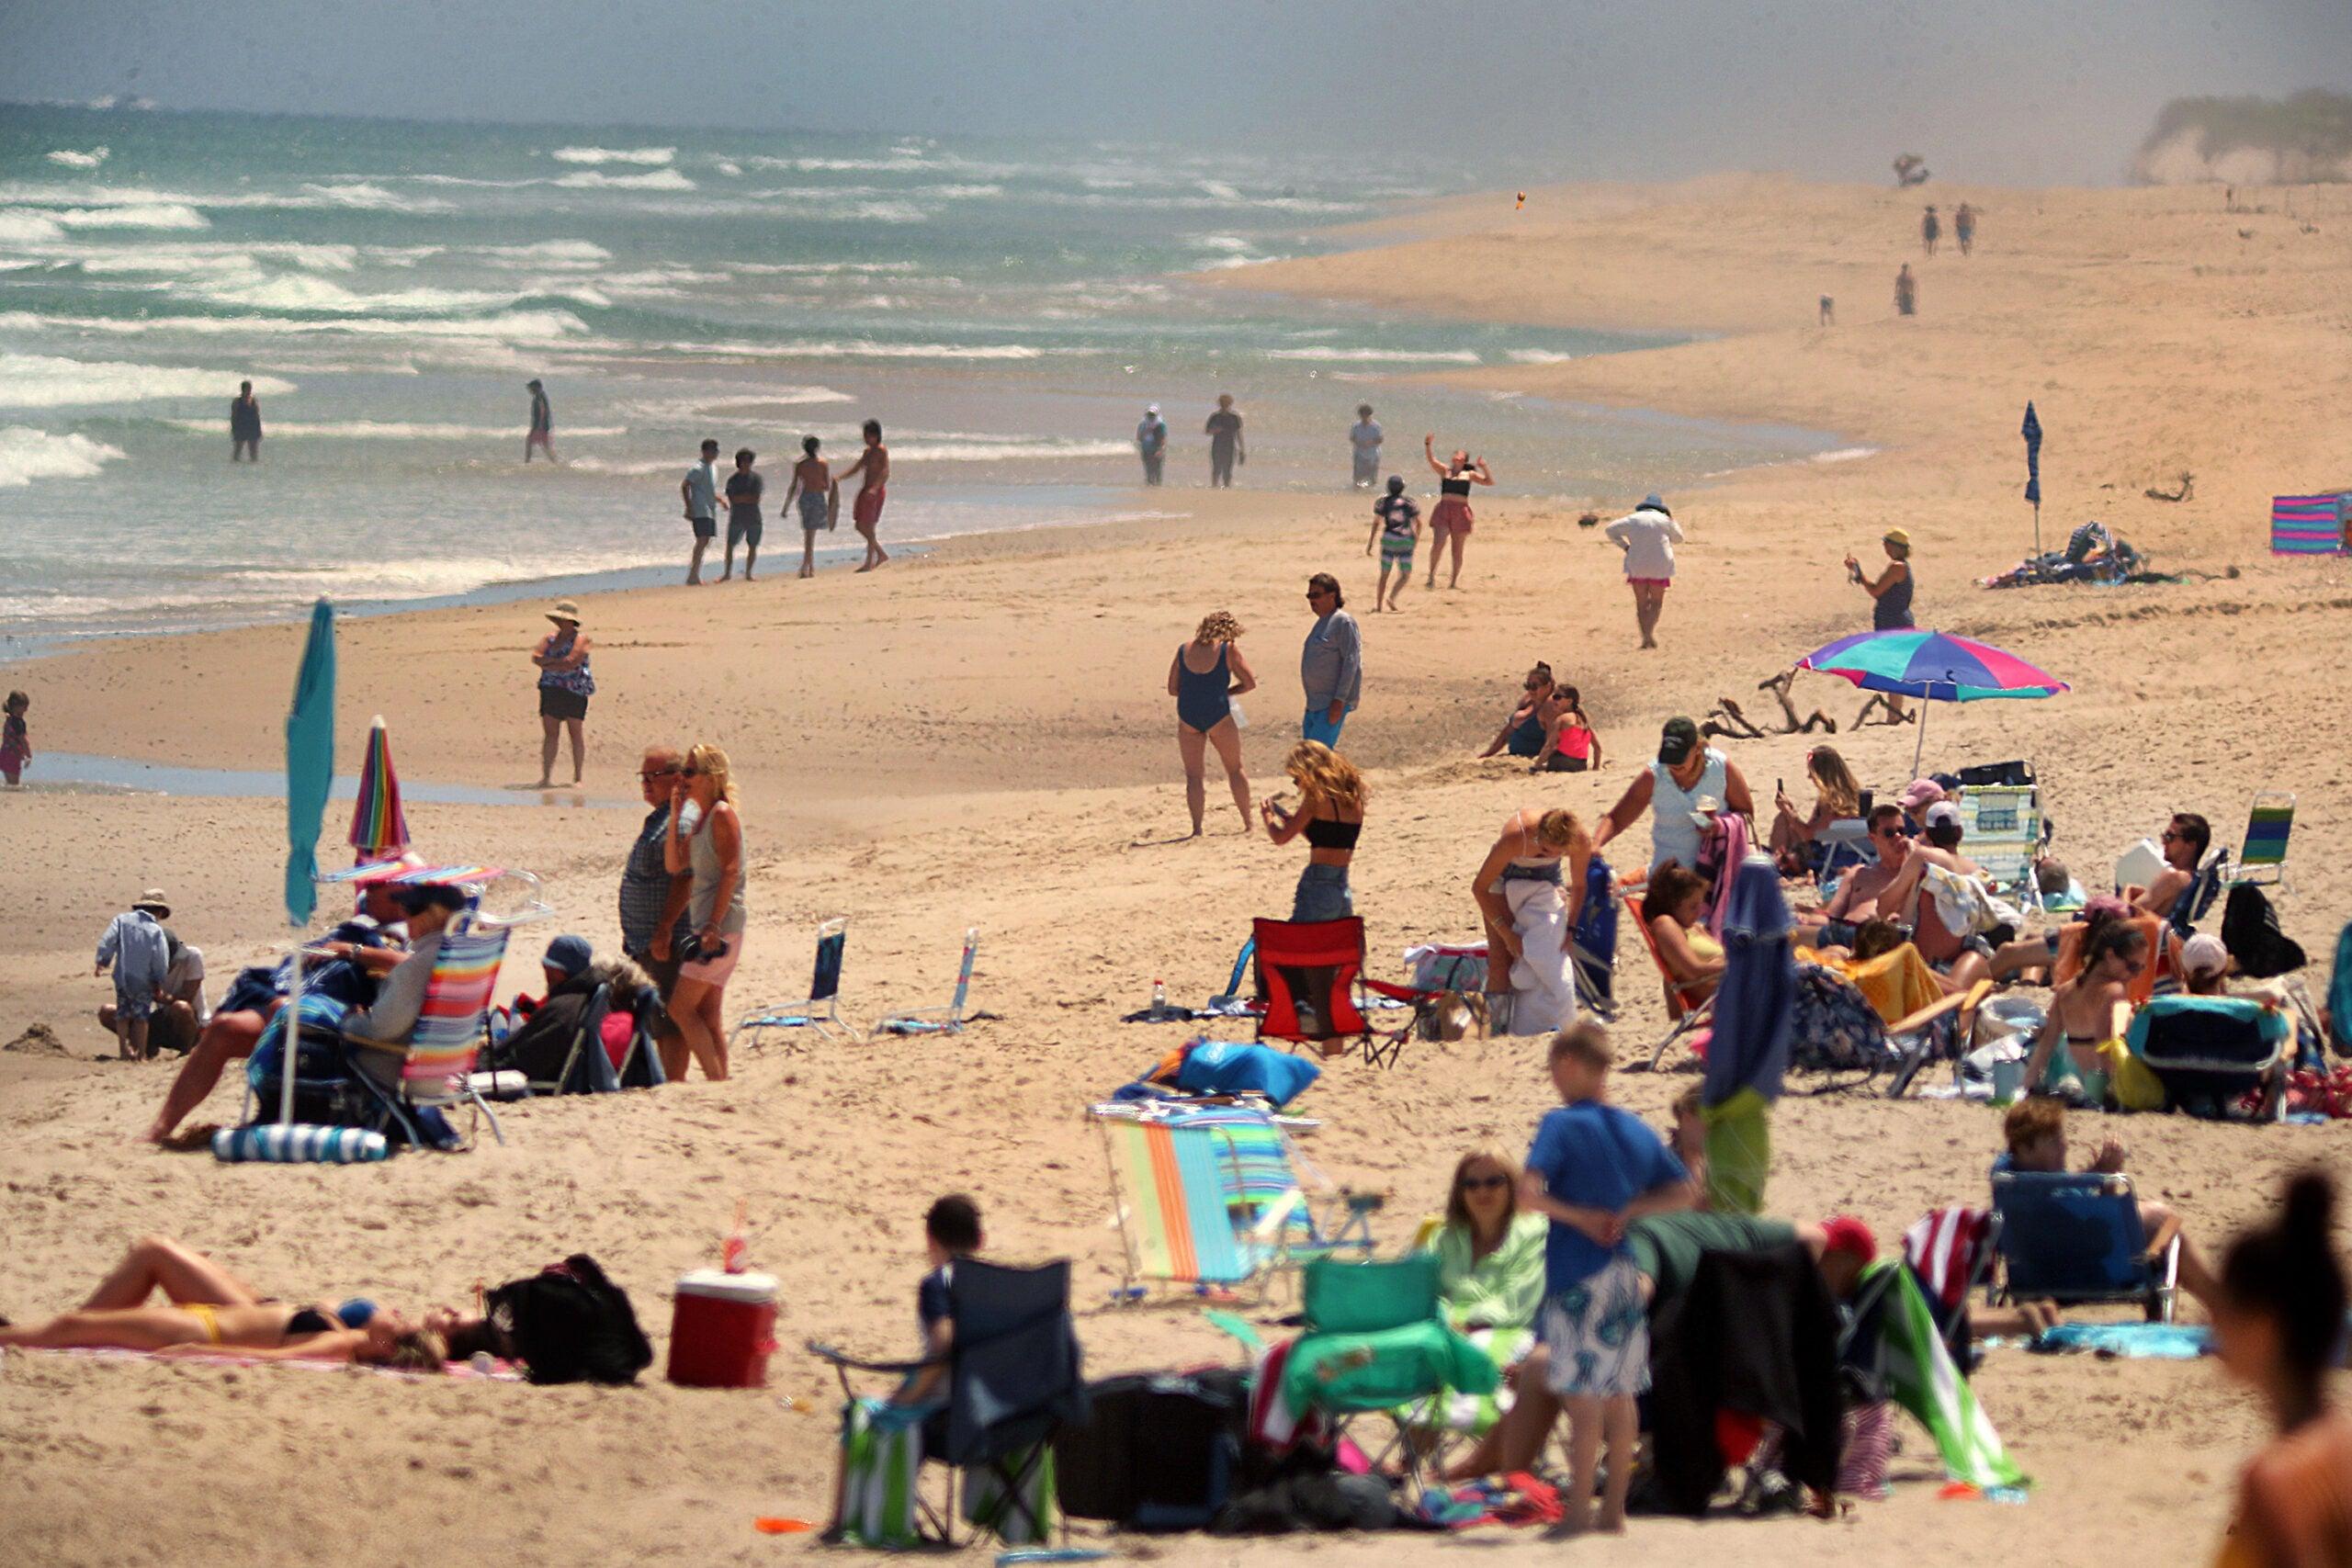 Nauset Beach in Orleans on Thursday.